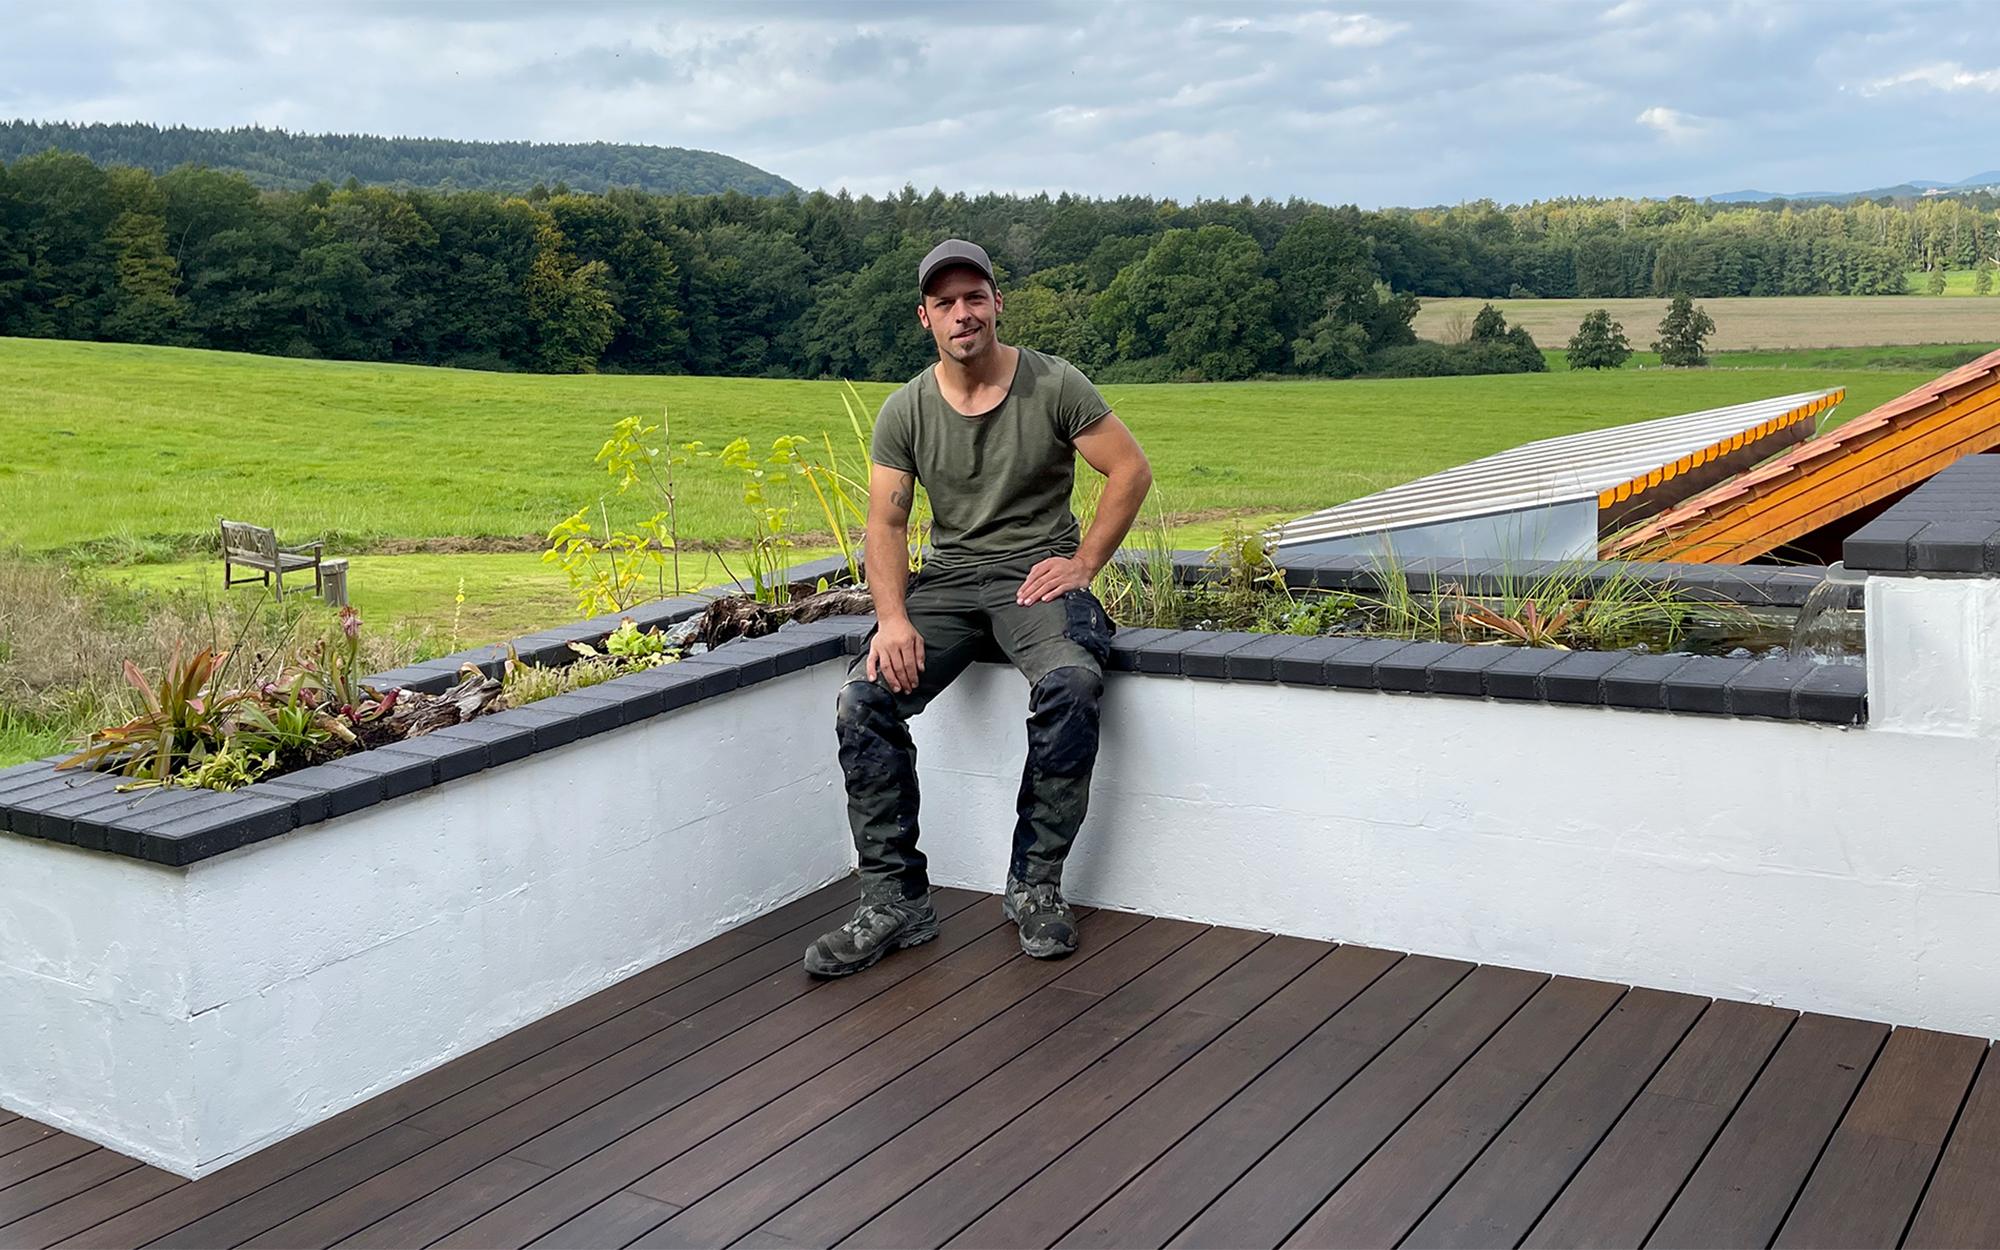 Die Terrasse des Gaertnermeisters Christian Tegthoff schmueckt ein Wasserspiel